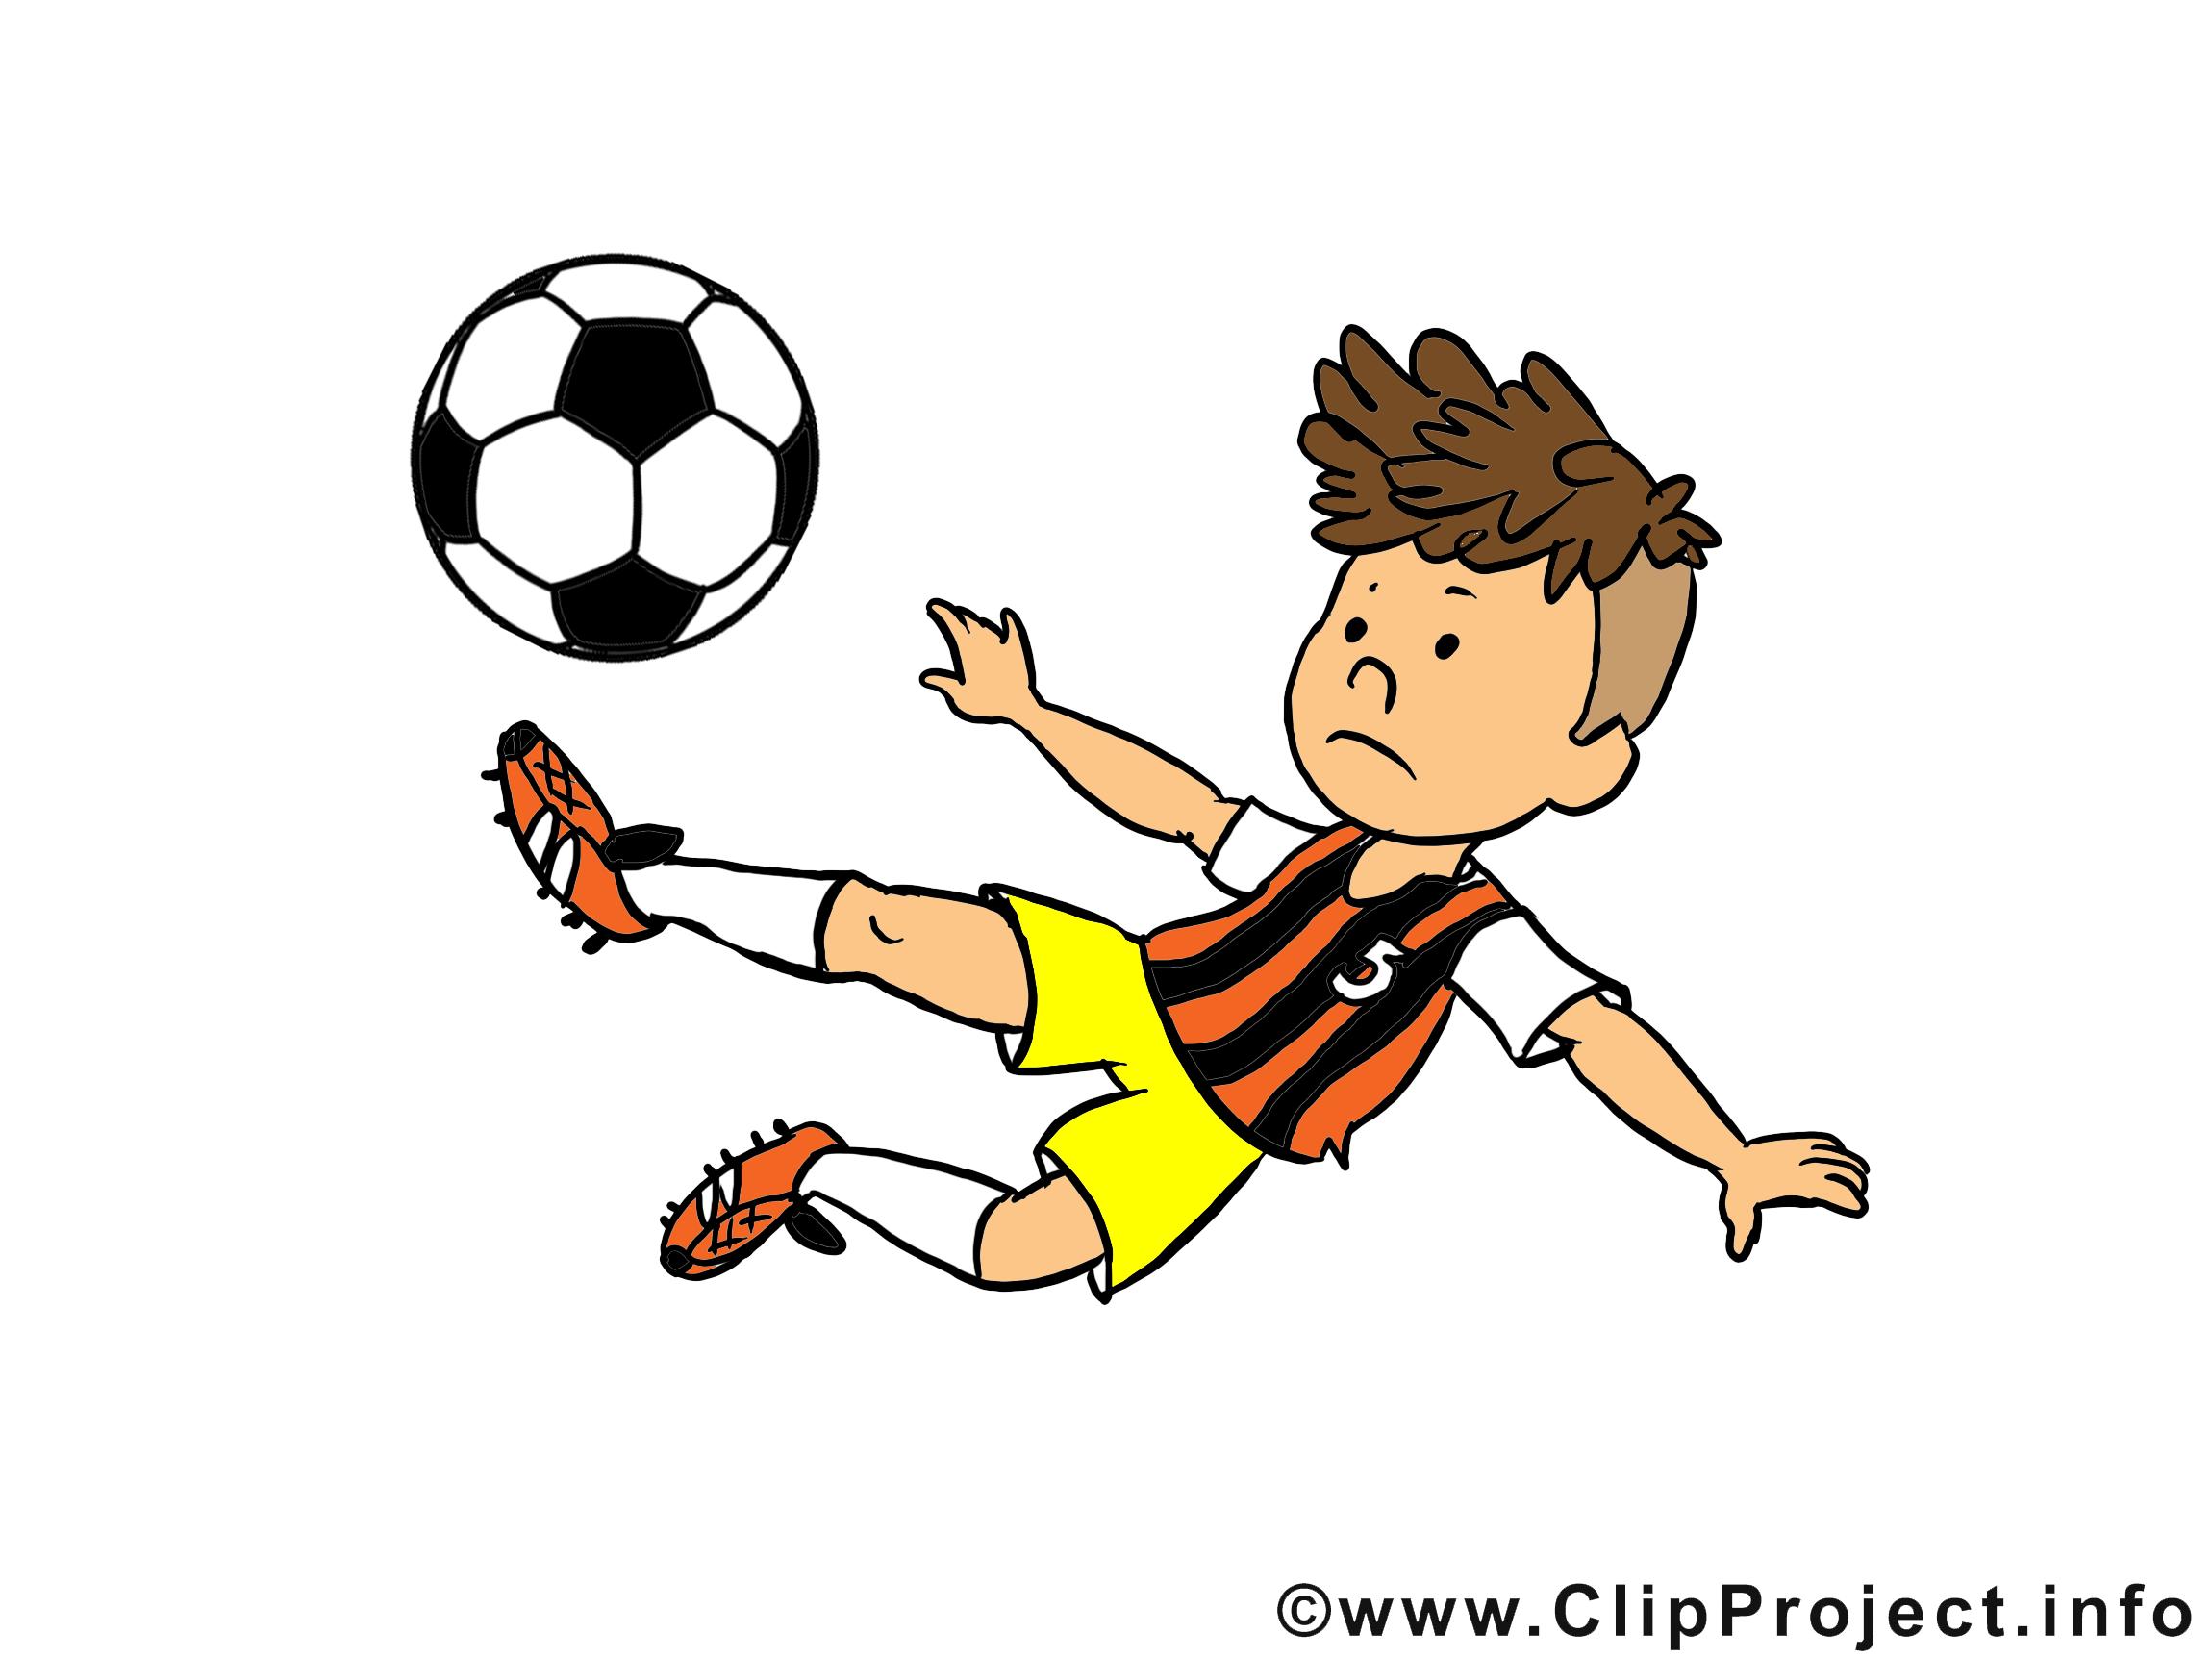 Coup clipart gratuit - Football images